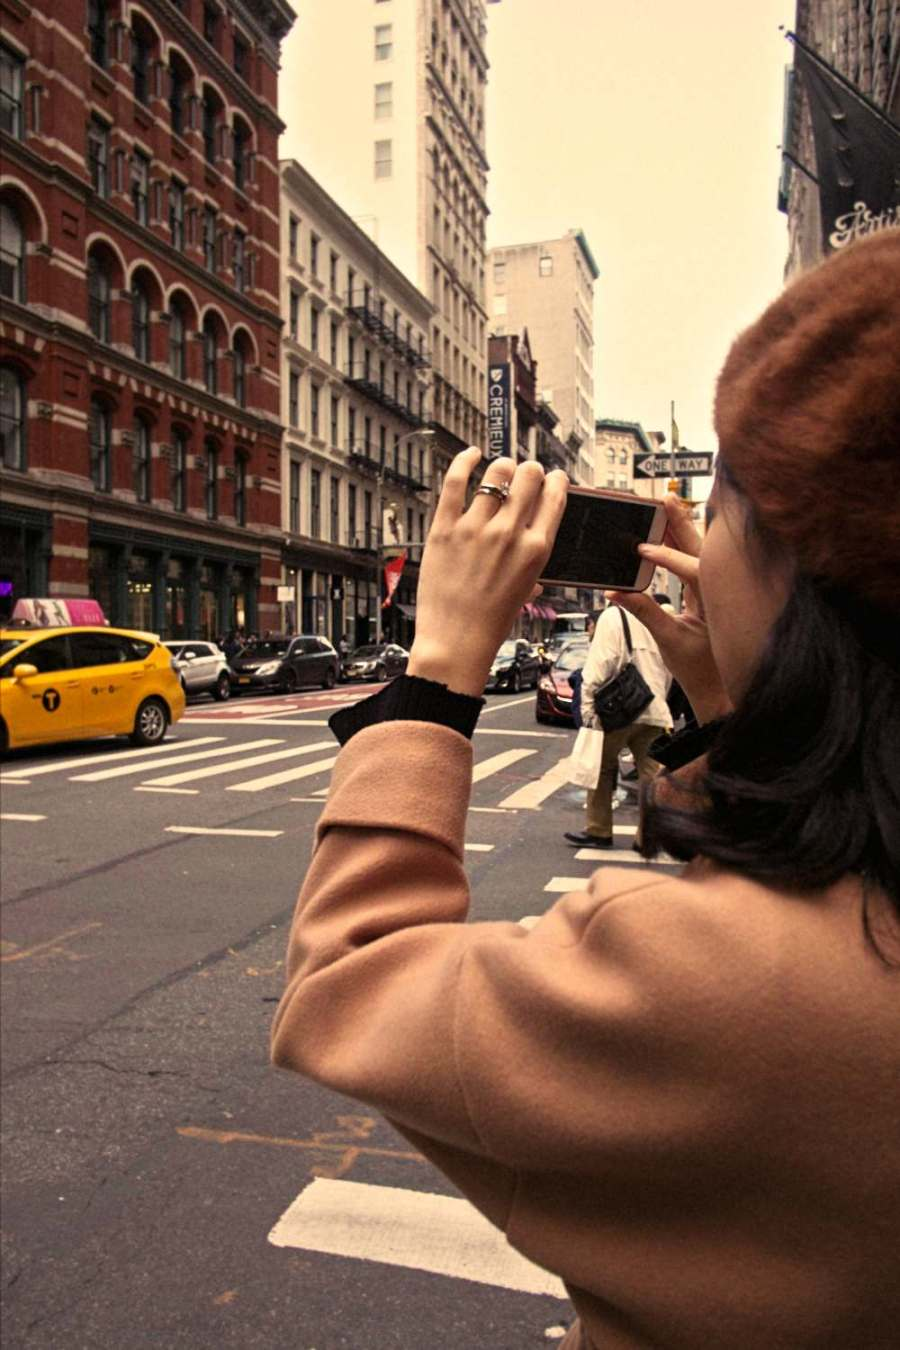 Photogenic City